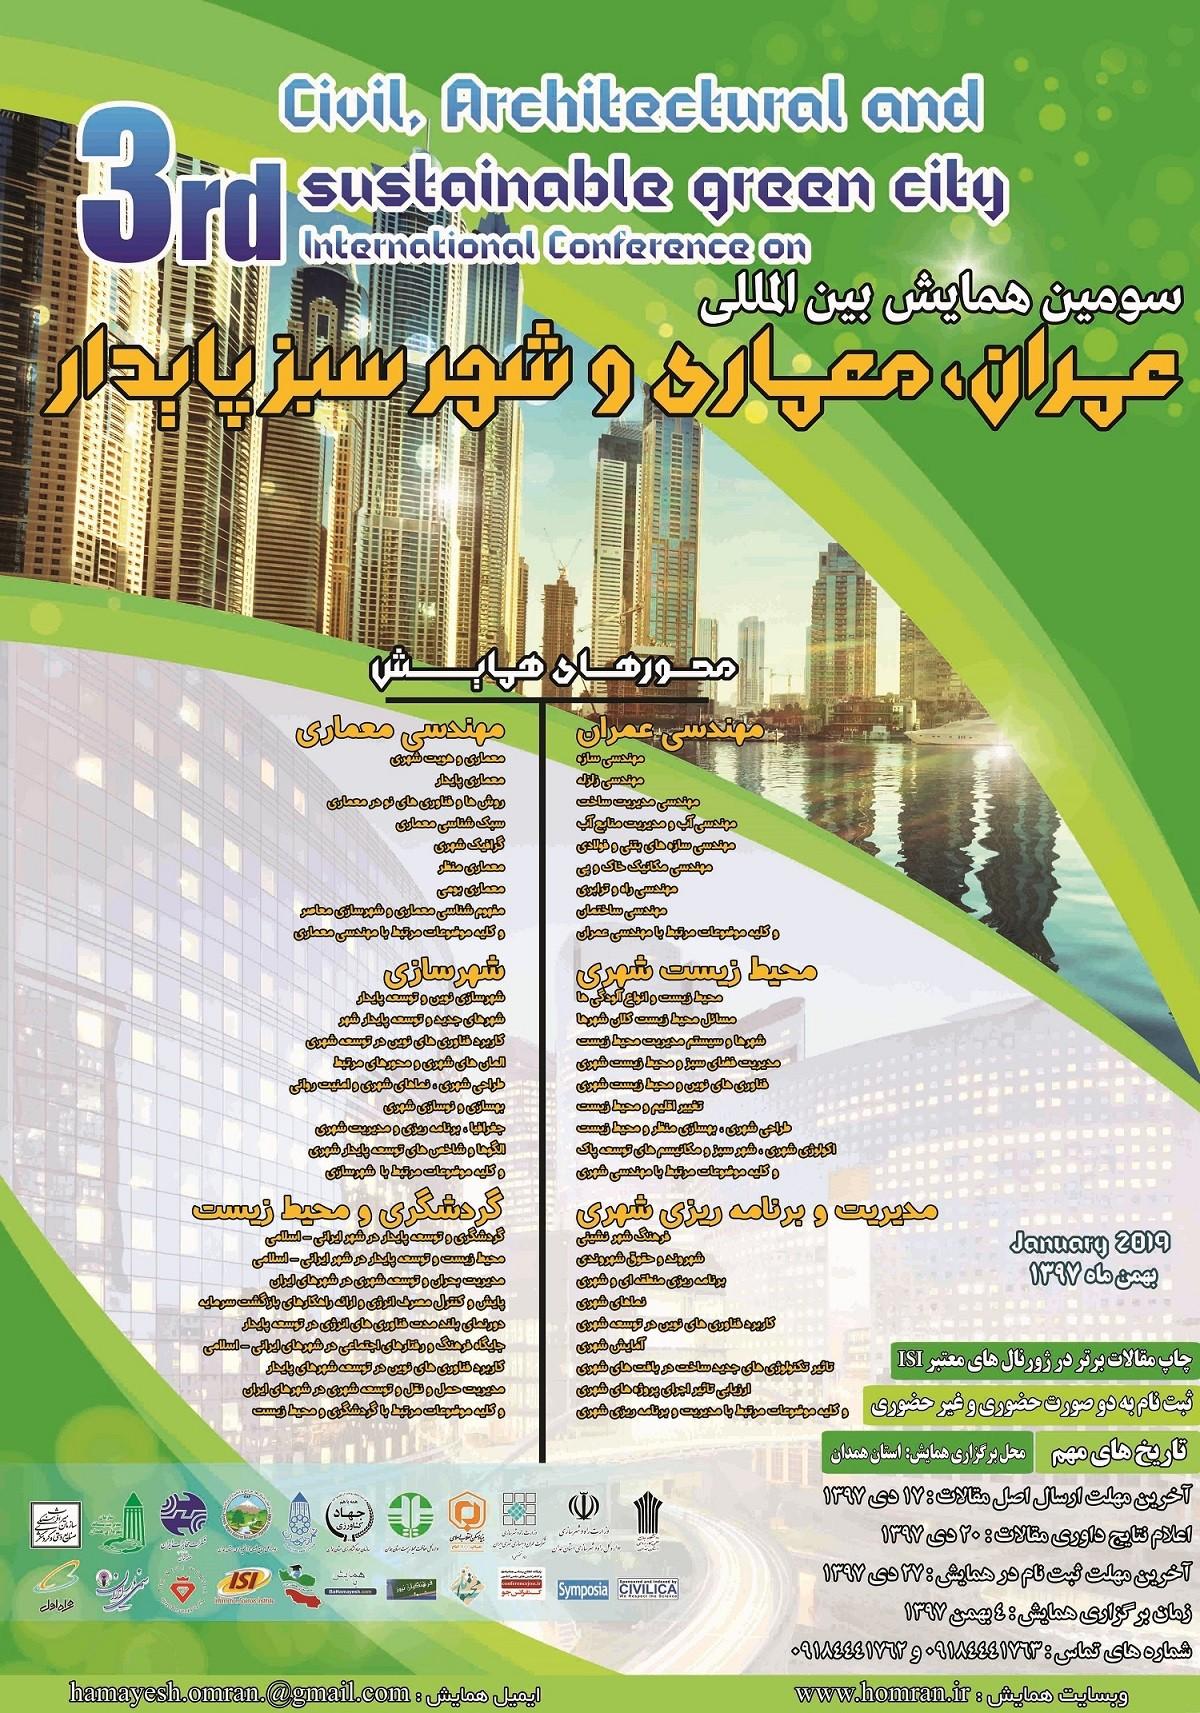 سومین همایش بین المللی عمران، معماری و شهر سبز پایدار 4 بهمن ماه1397